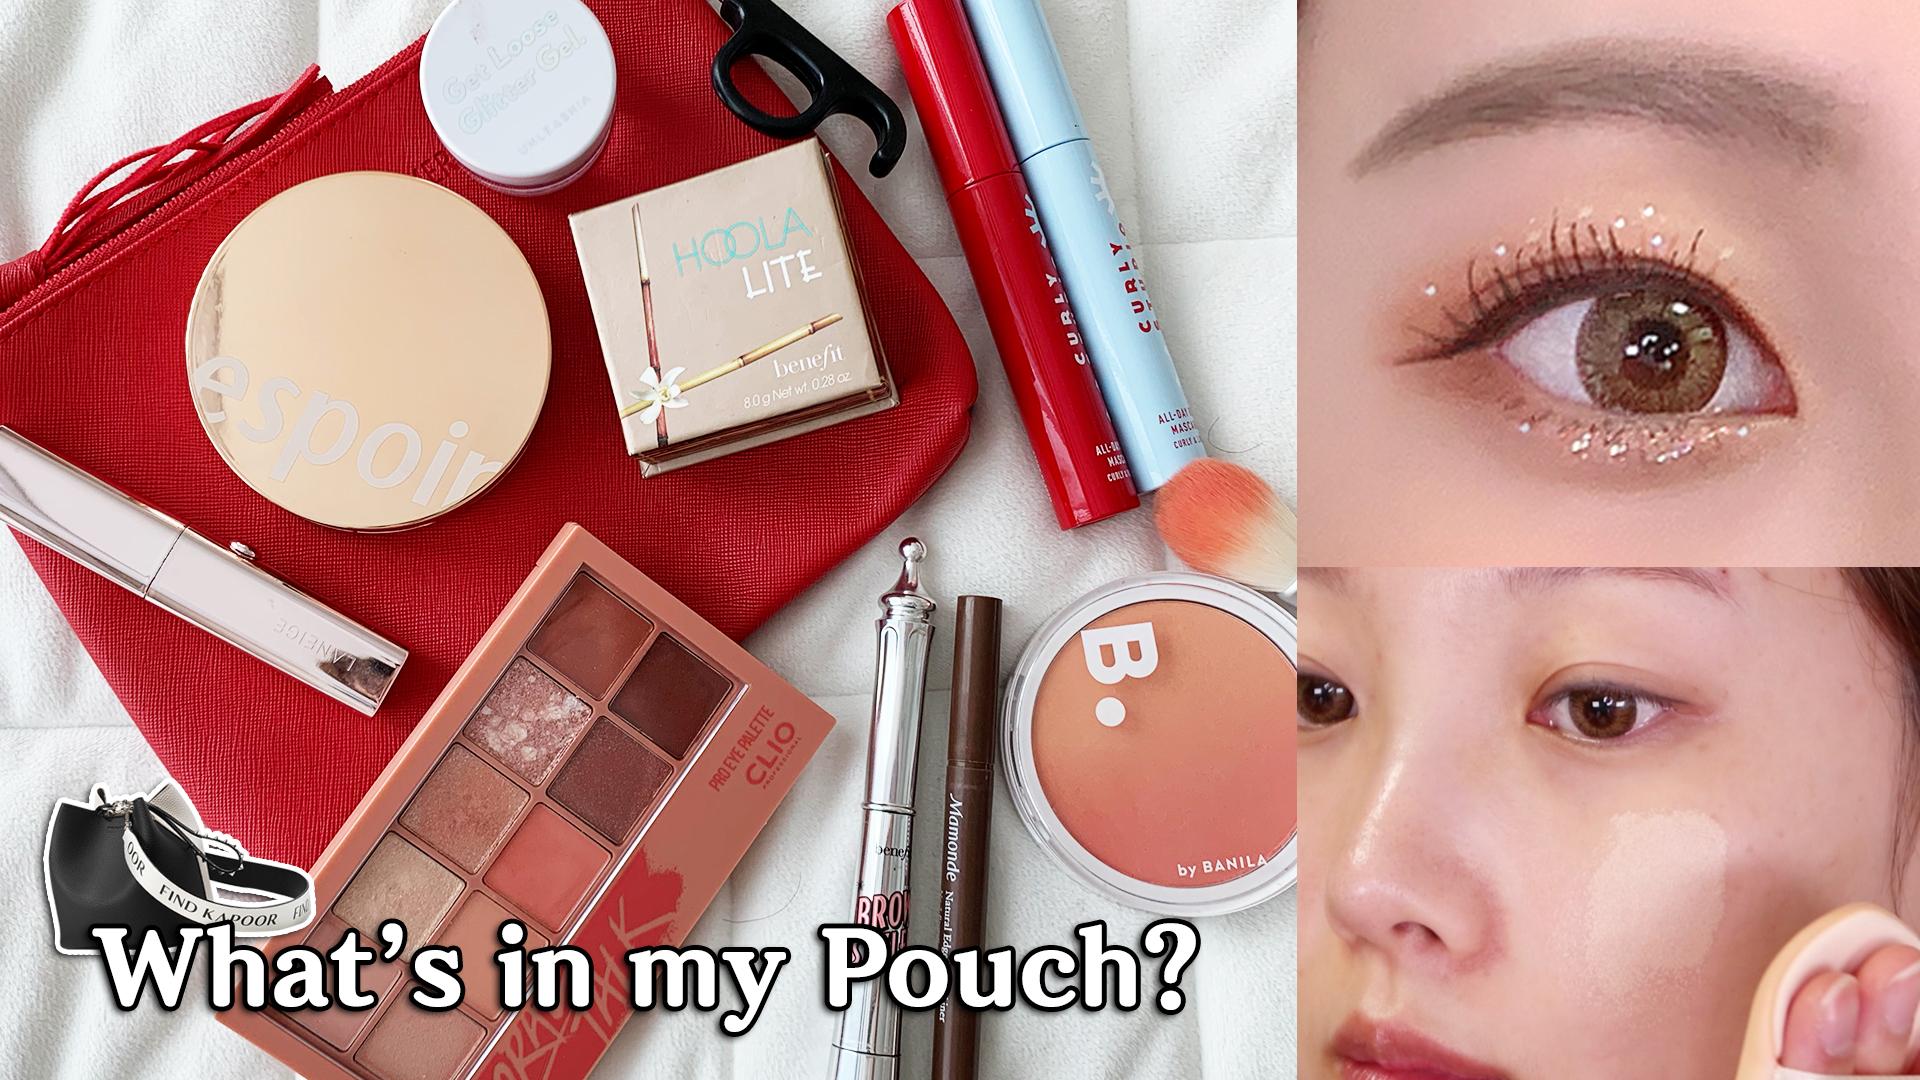 요즘제일손많이가는제품♥ 데일리 파우치 공개 ♥ what's in my pouch (직장인 뷰티 꿀템 소개)